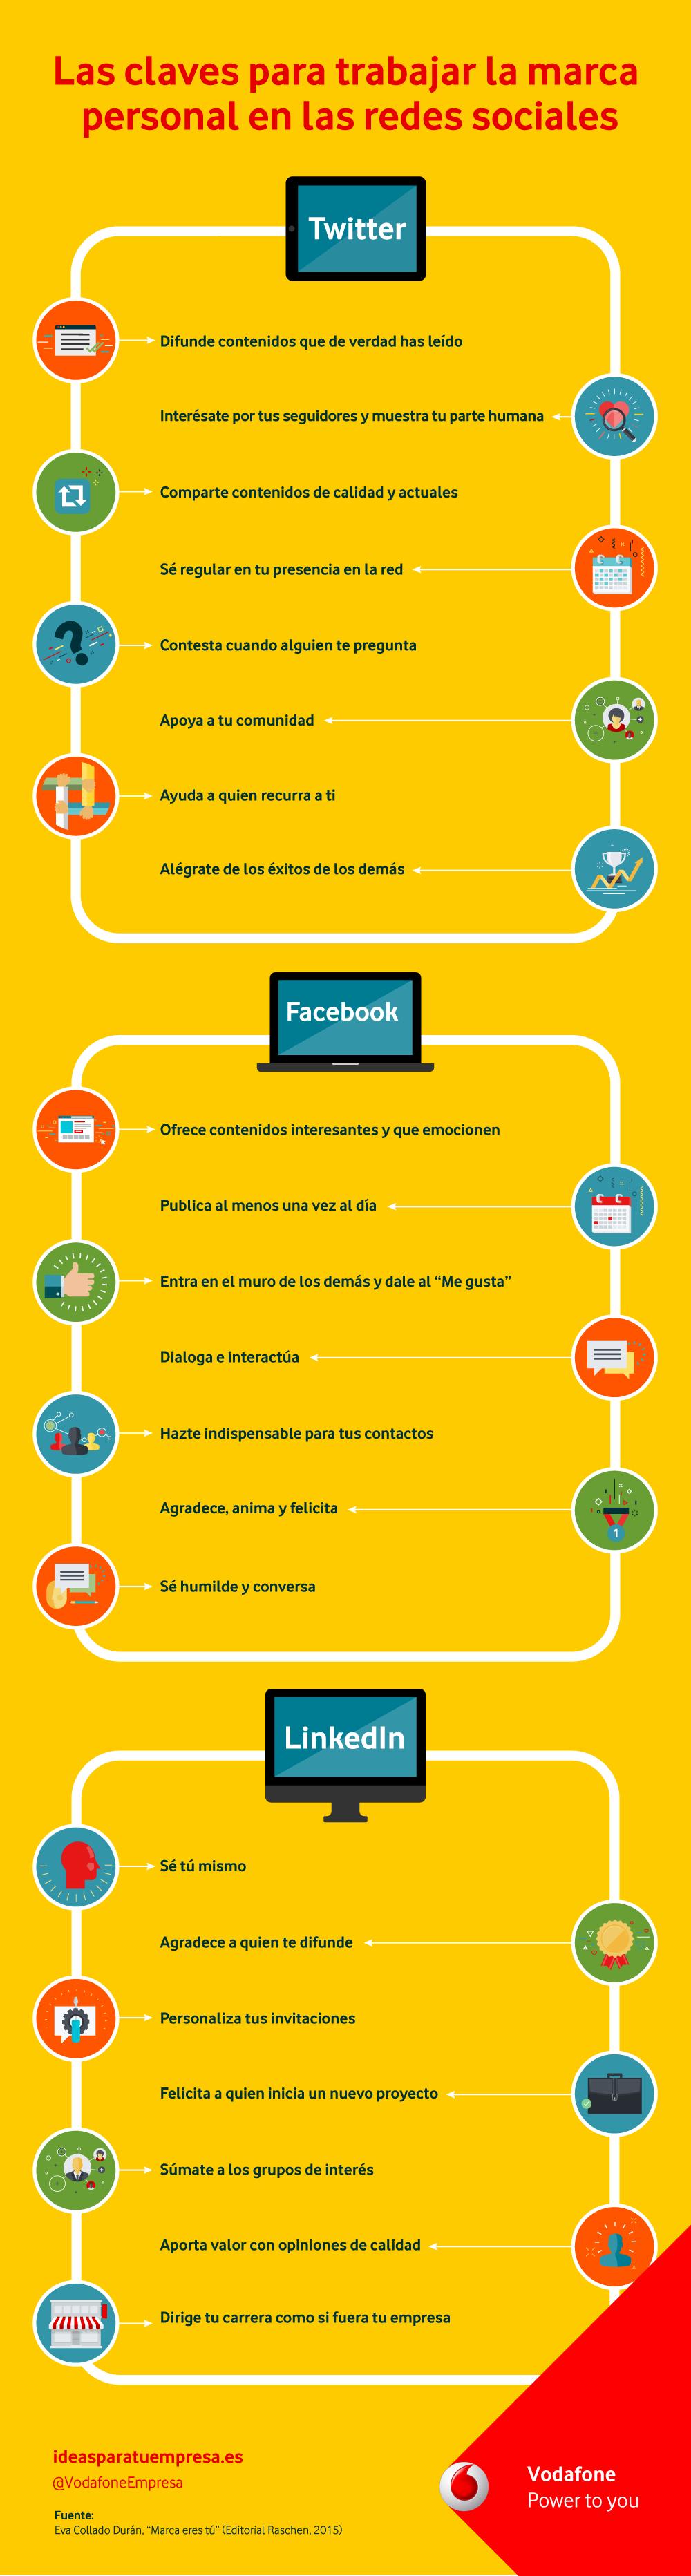 Cómo trabajar la marca personal en redes sociales